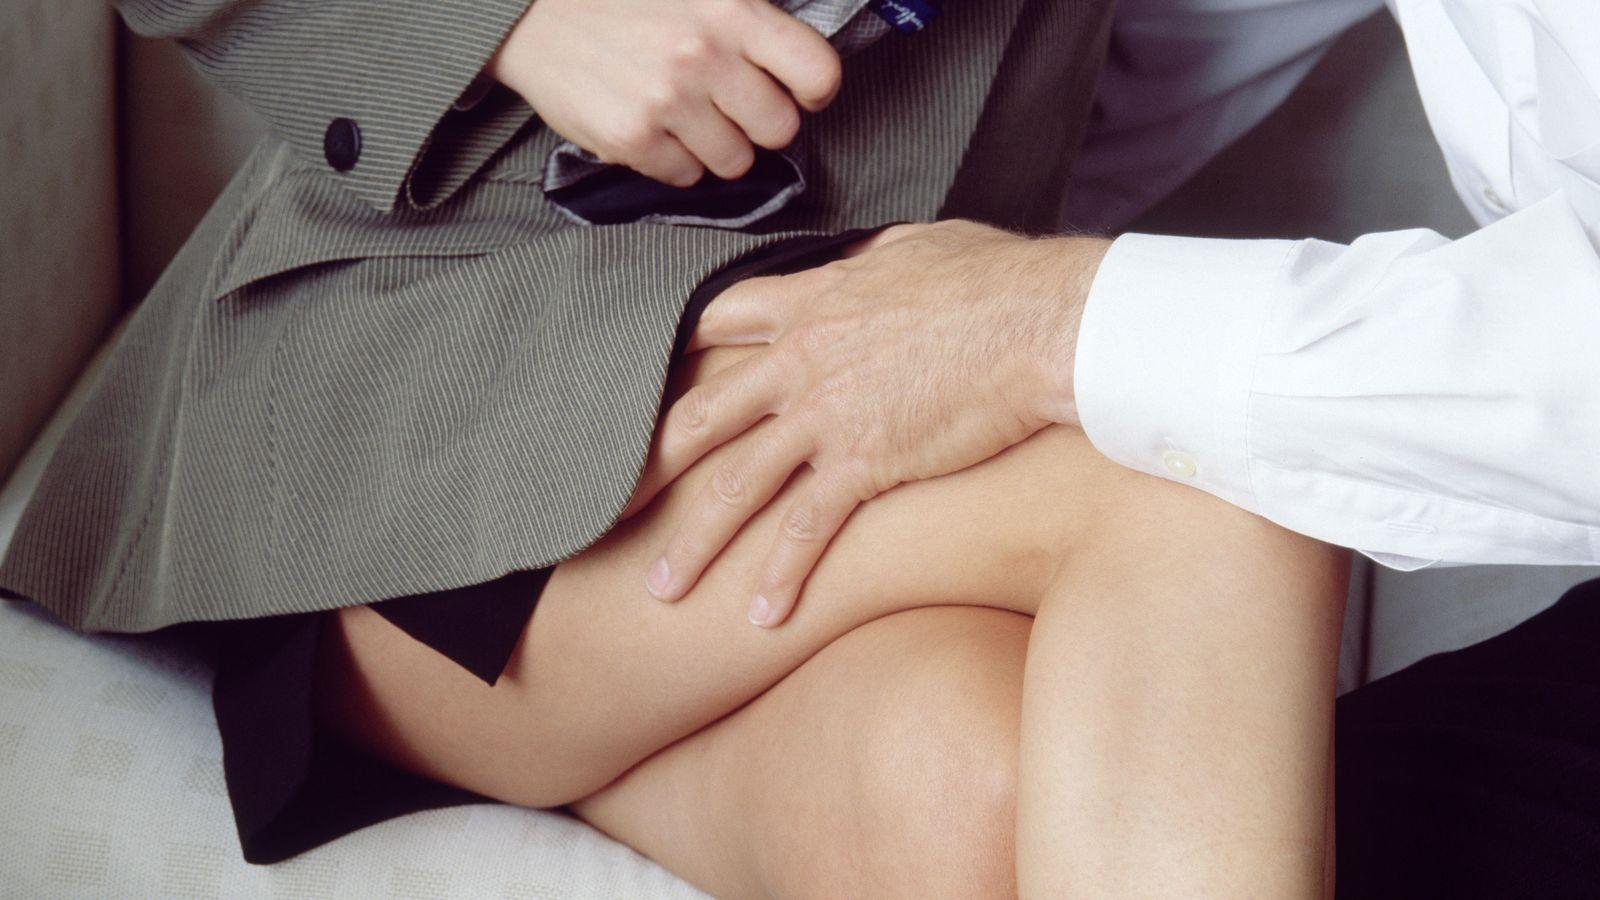 Foto: Si empieza a meterte mano, controla cómo es el tamaño de sus dedos antes de que acabe siendo un 'fail'. (Corbis)